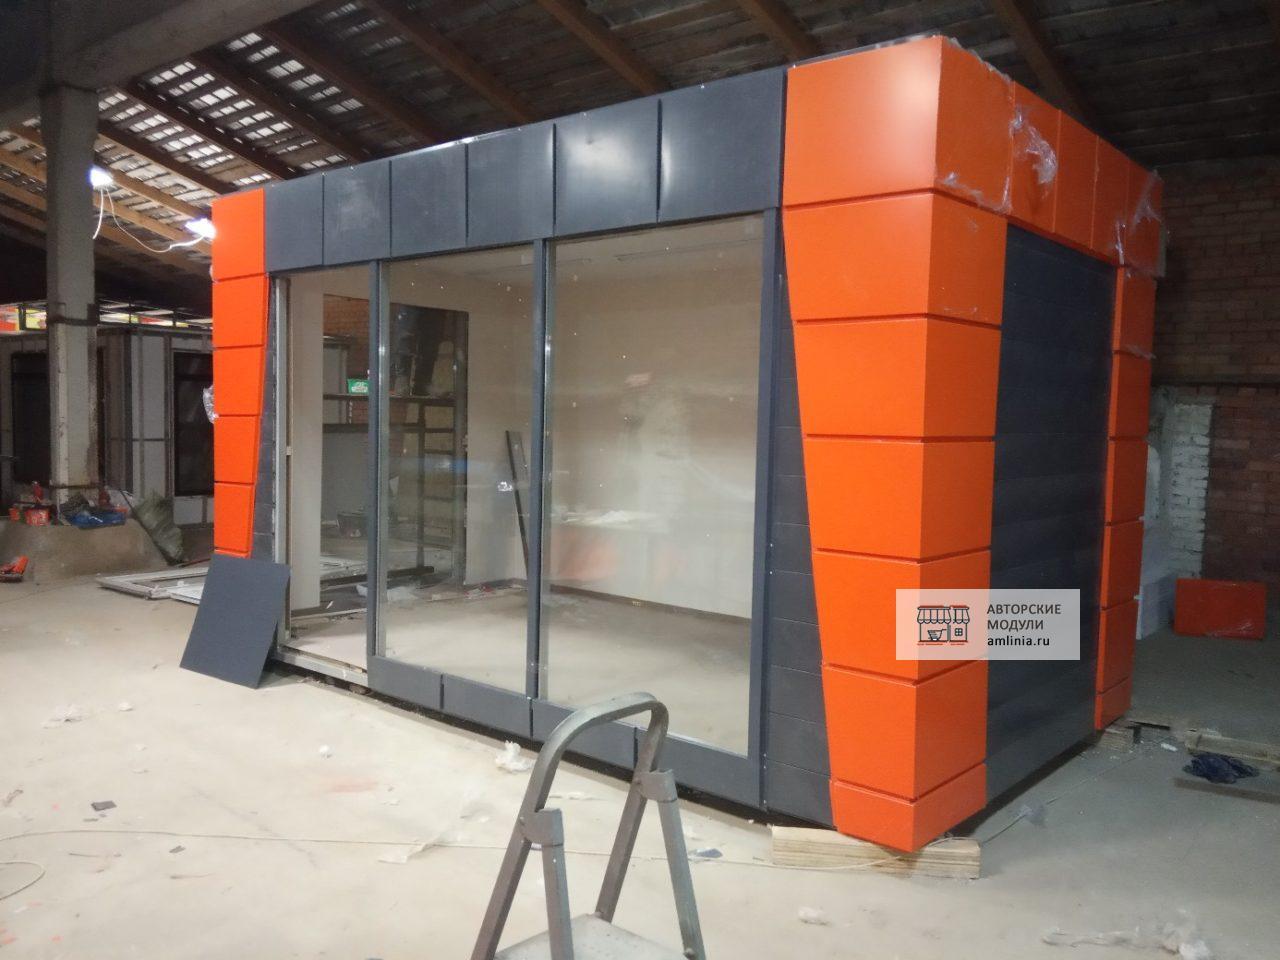 Павильон для торговли со входом графитово-оранжевый, размер 4,5 х 2,5 х 2,87 метра